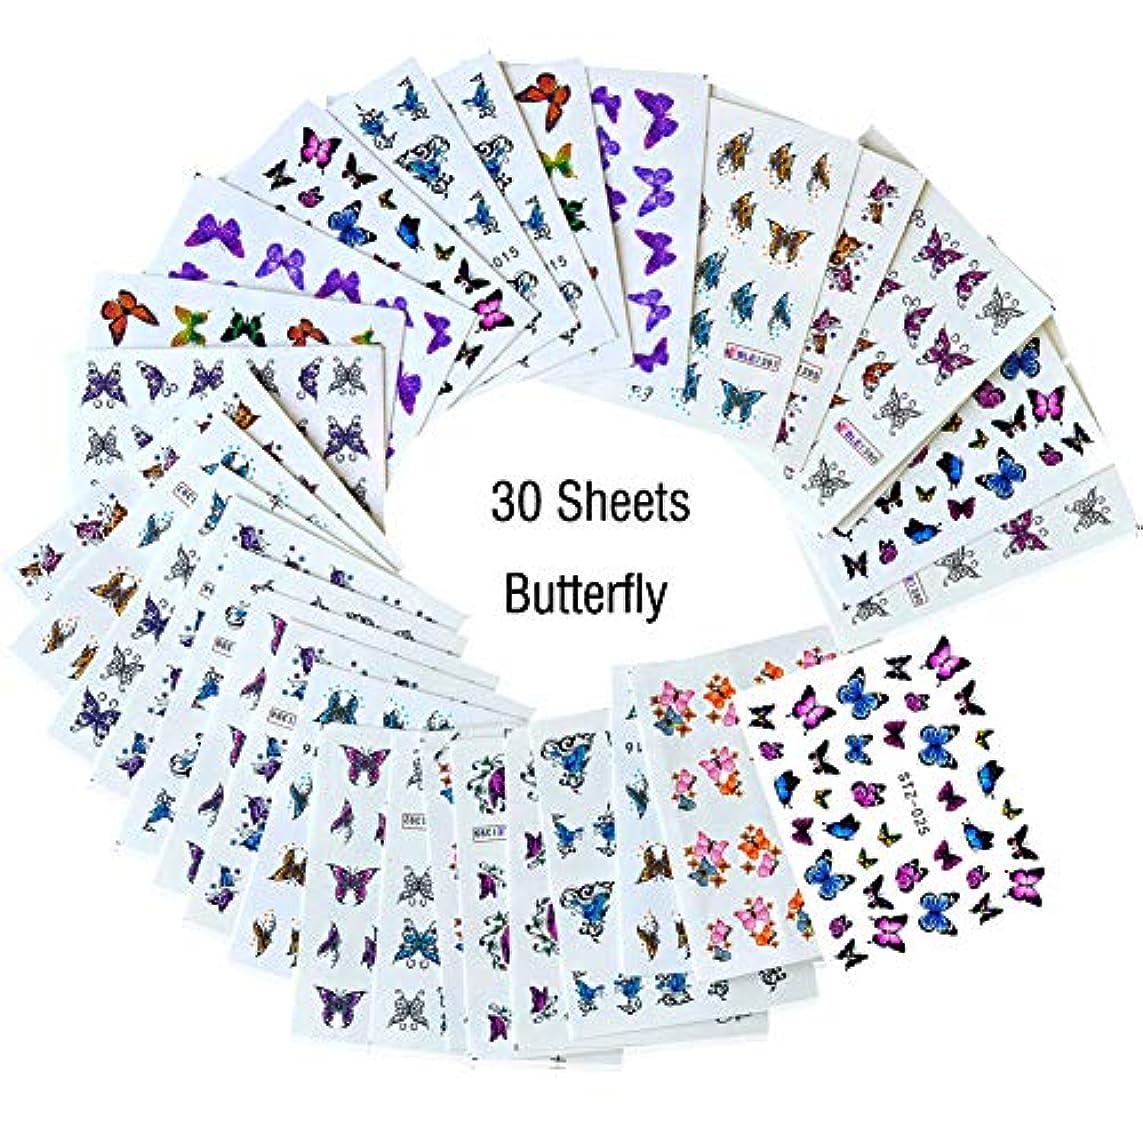 救出正当な樹木Lookathot 30枚ネイルアートステッカーデカール蝶デザインパターン水スカイスター箔紙印刷転写diy装飾ツールアクセサリー